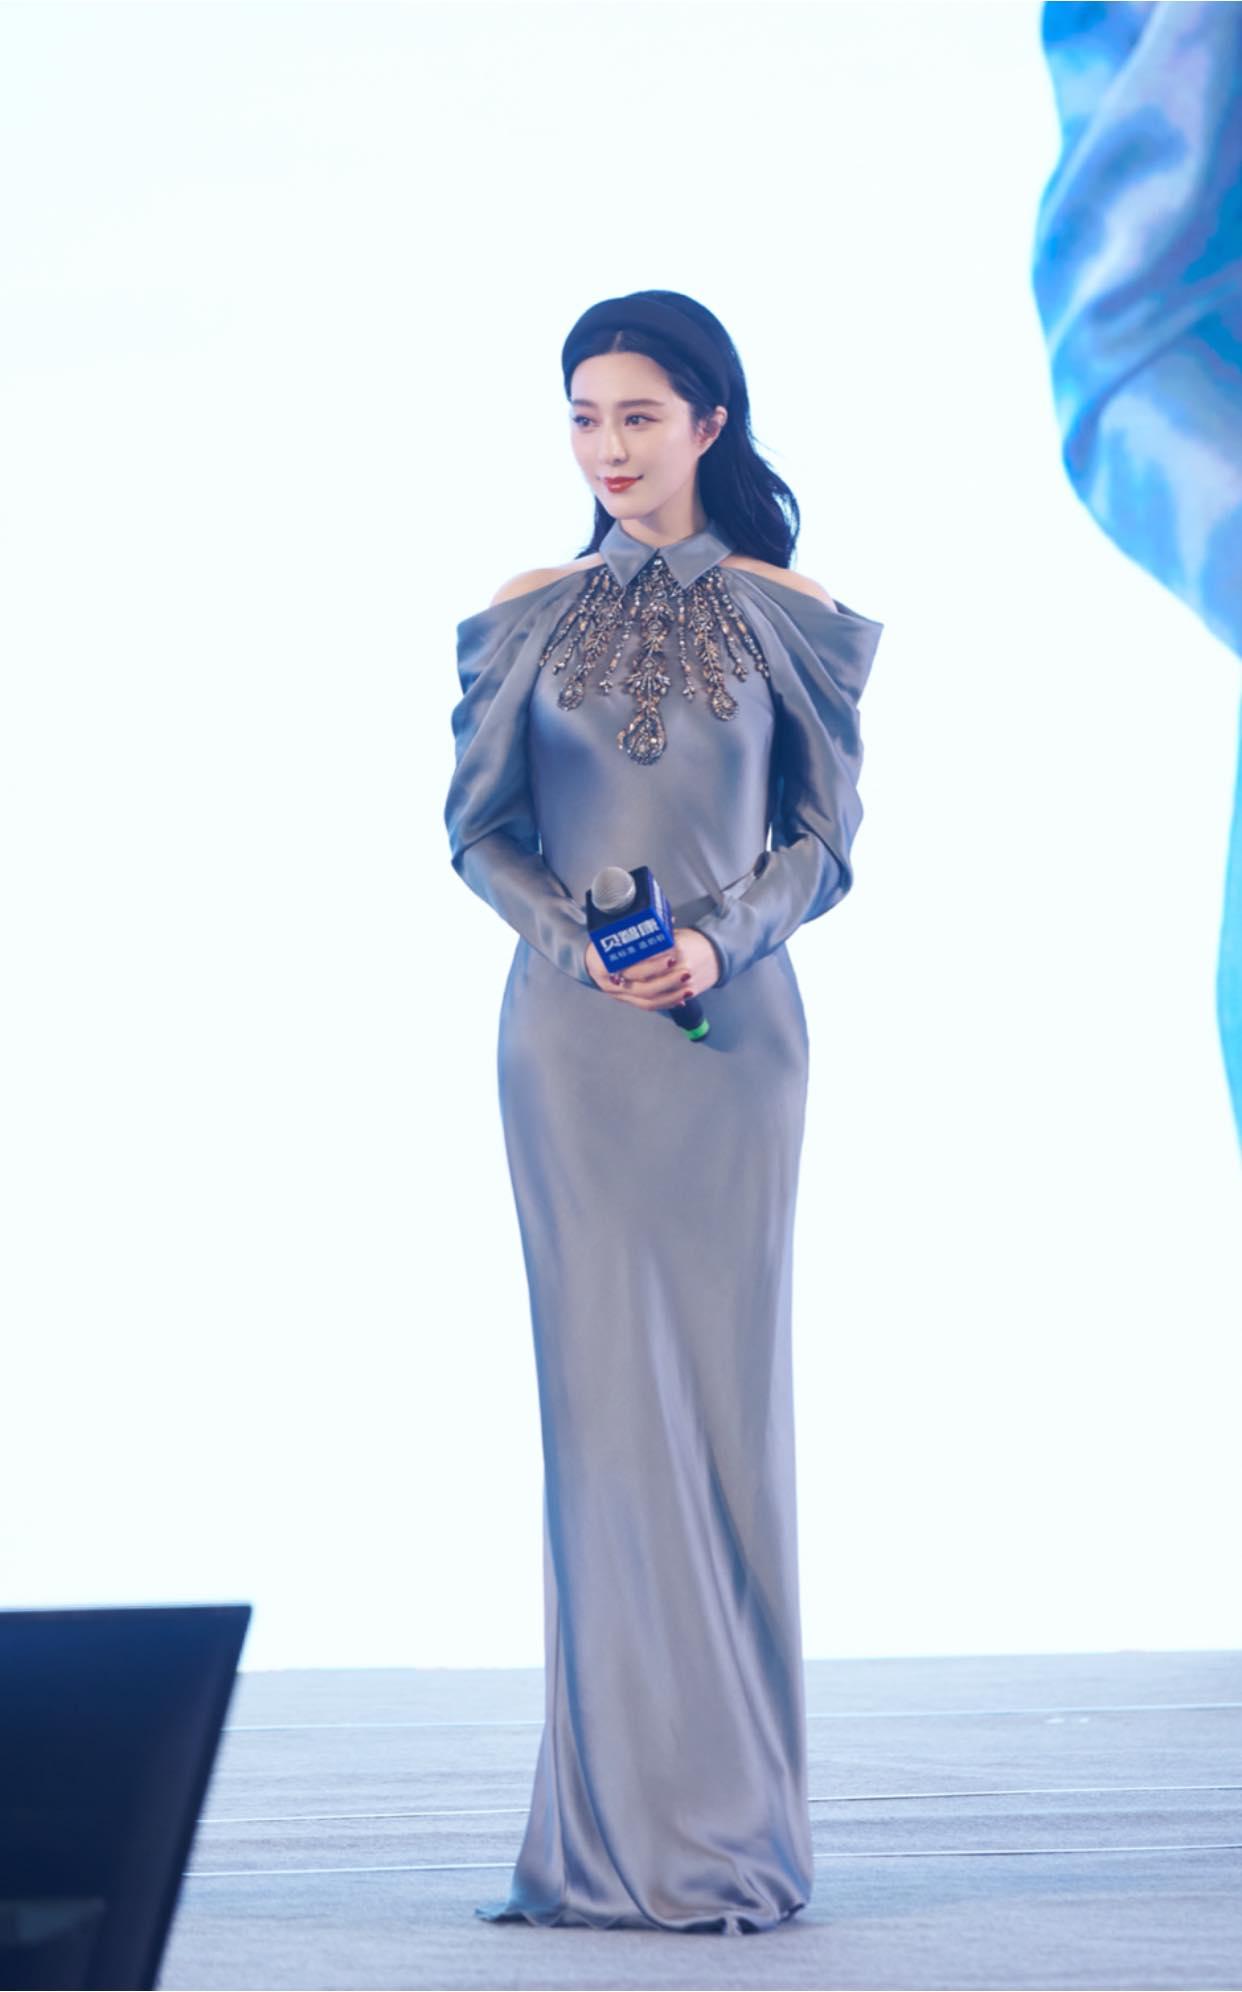 12 người đẹp nhất thảm đỏ Hòa - Hàn trong năm 2020 vừa qua - Ảnh 5.